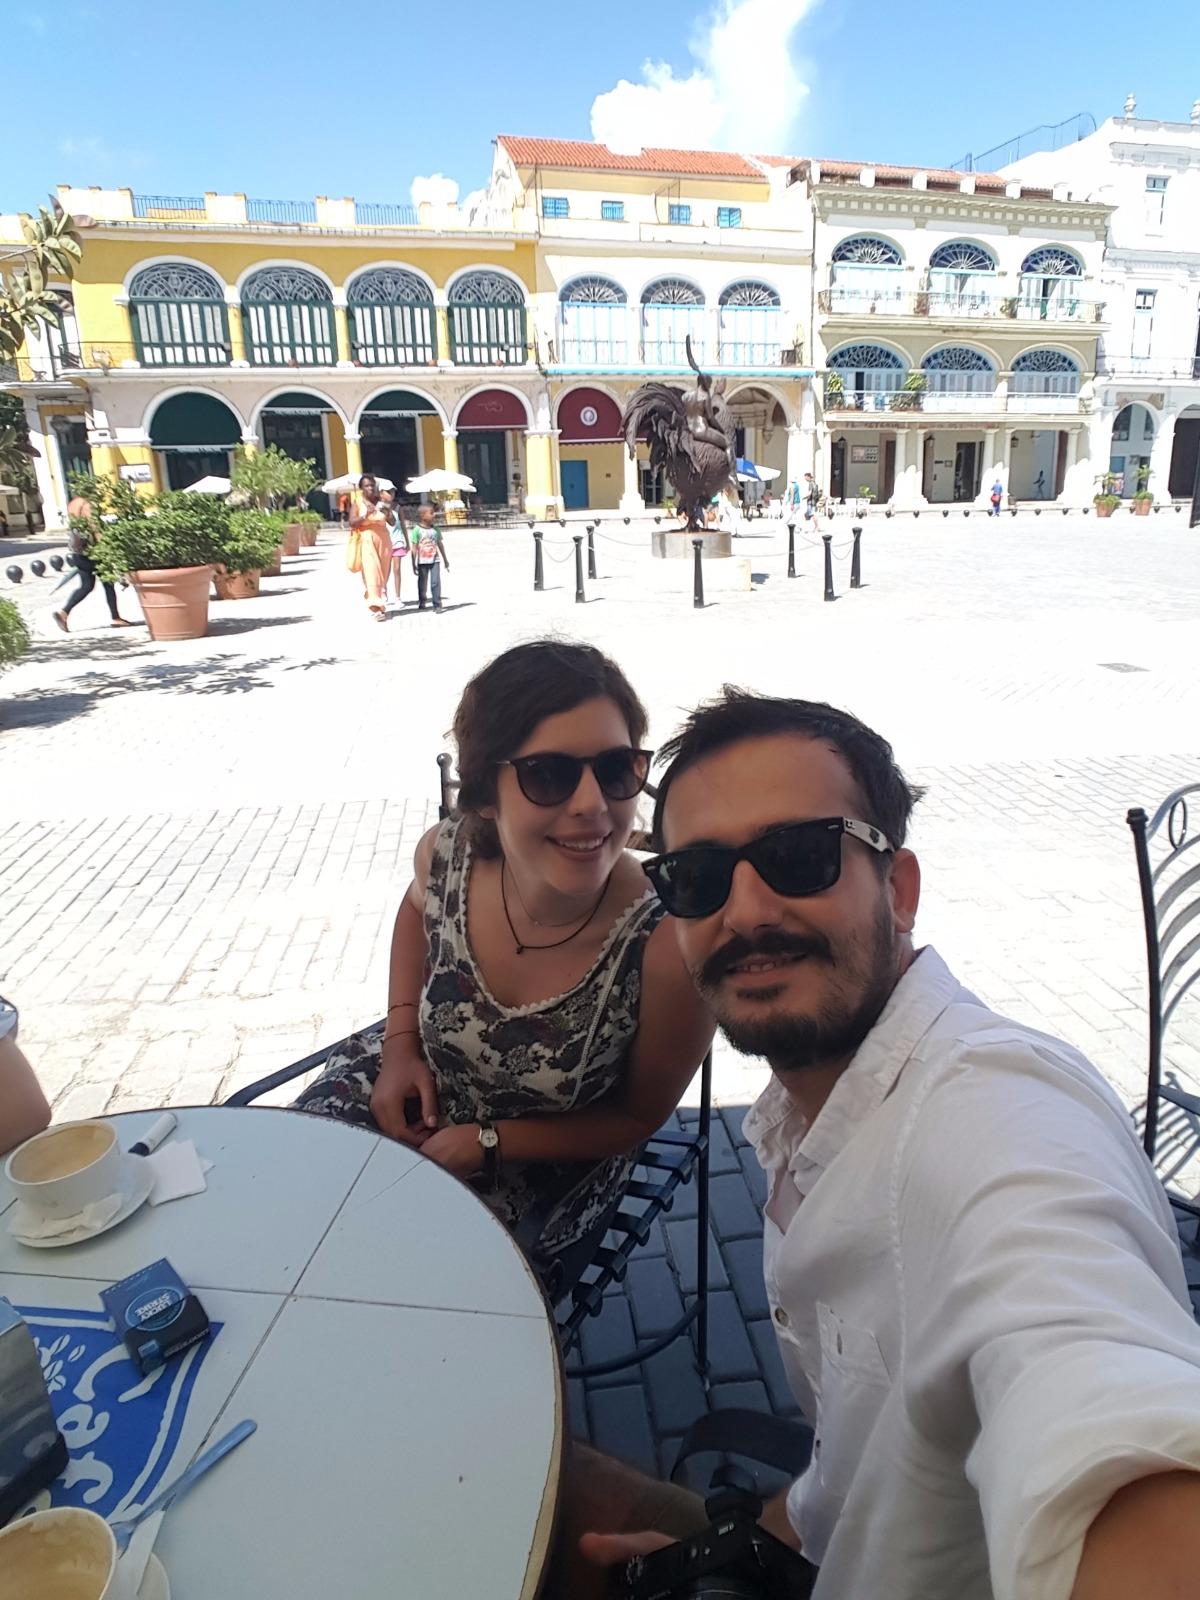 Daha İlk Günümüz. Yorgun Değiliz! - Café El Escorial